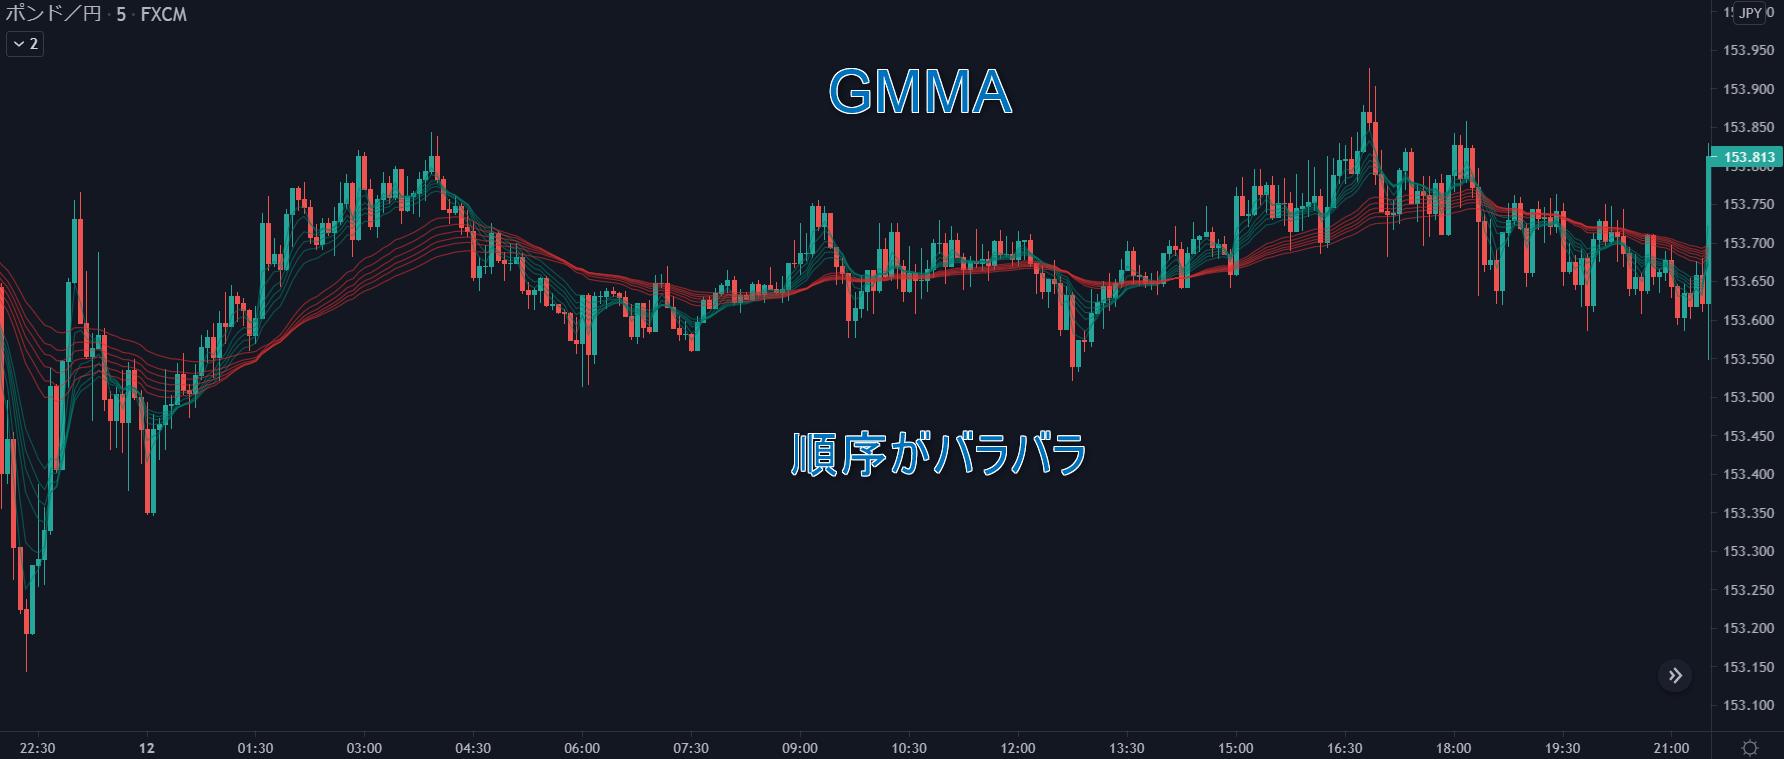 GMMAレンジ相場のチャート